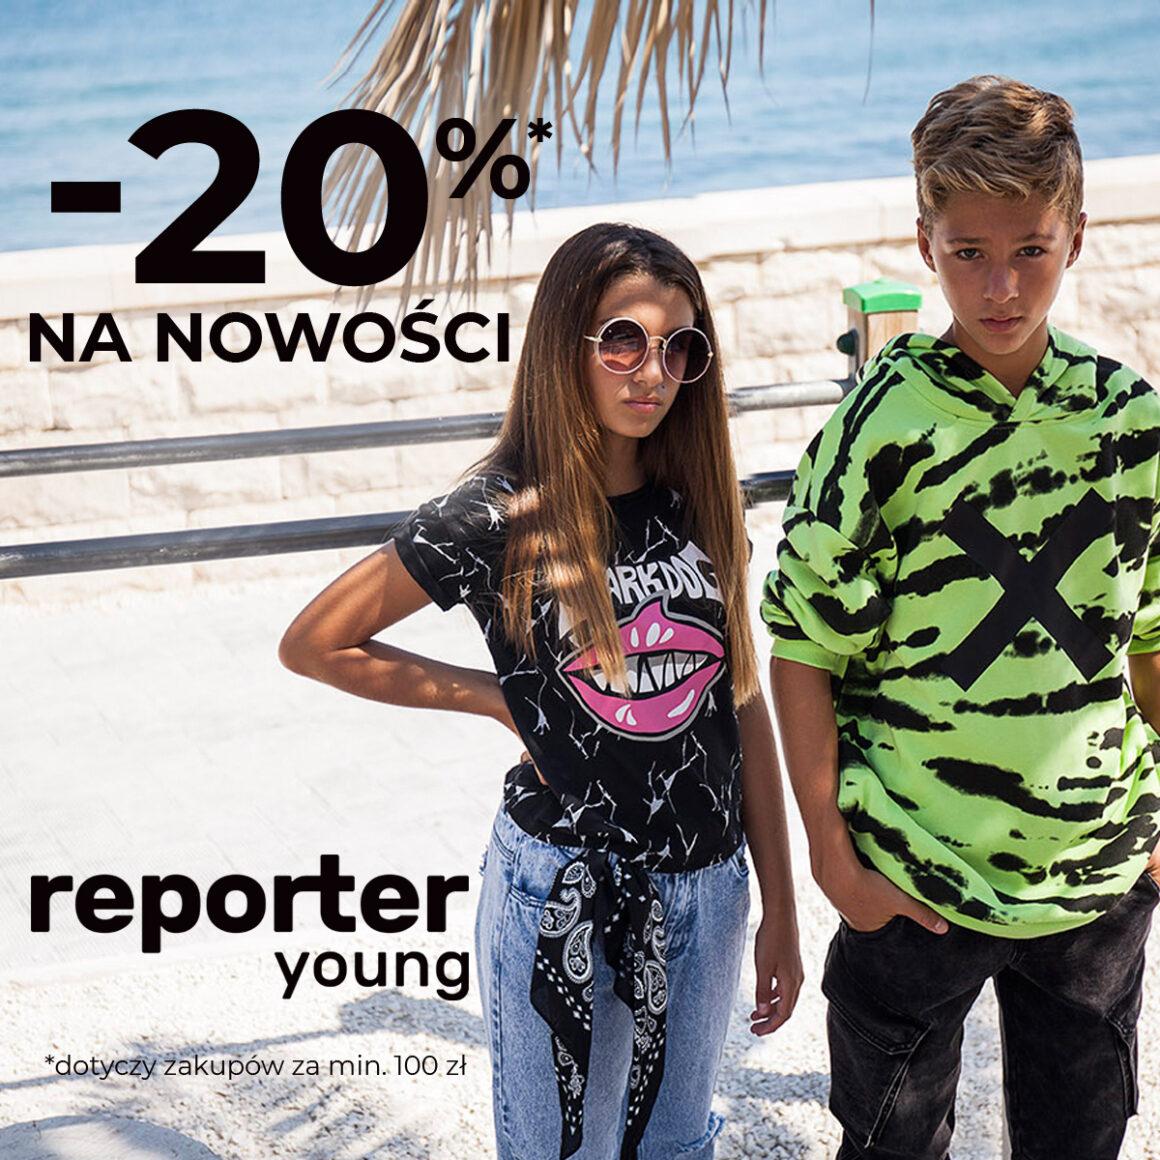 Dołącz do świata Reporter Young i zgarnij rabat -20% na NOWOŚCI!